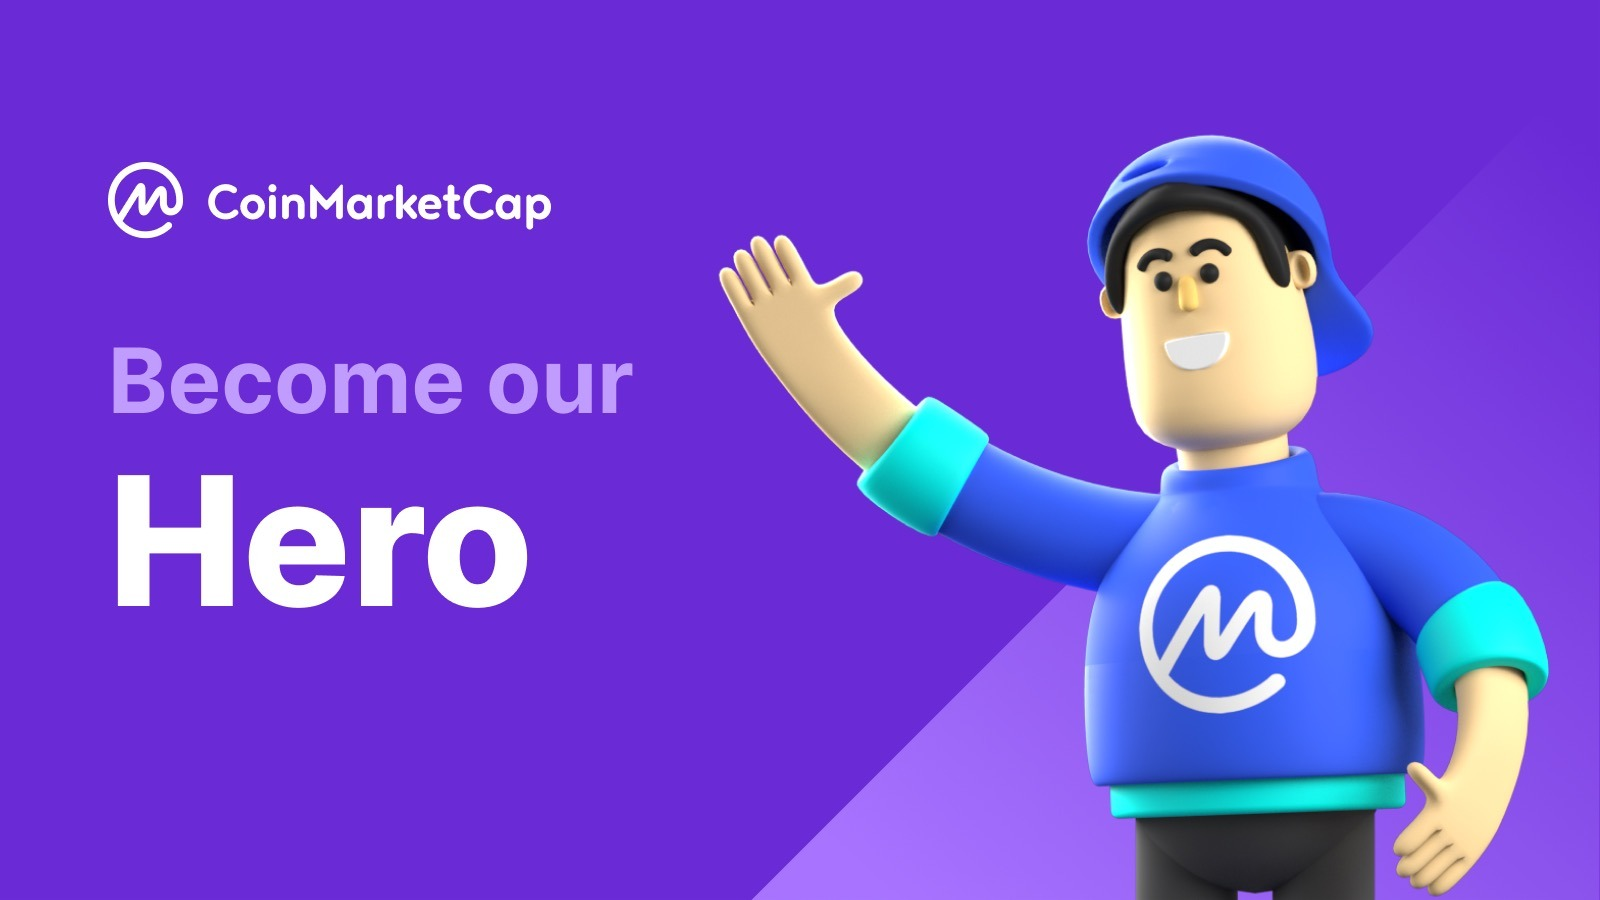 Become a CoinMarketCap Hero